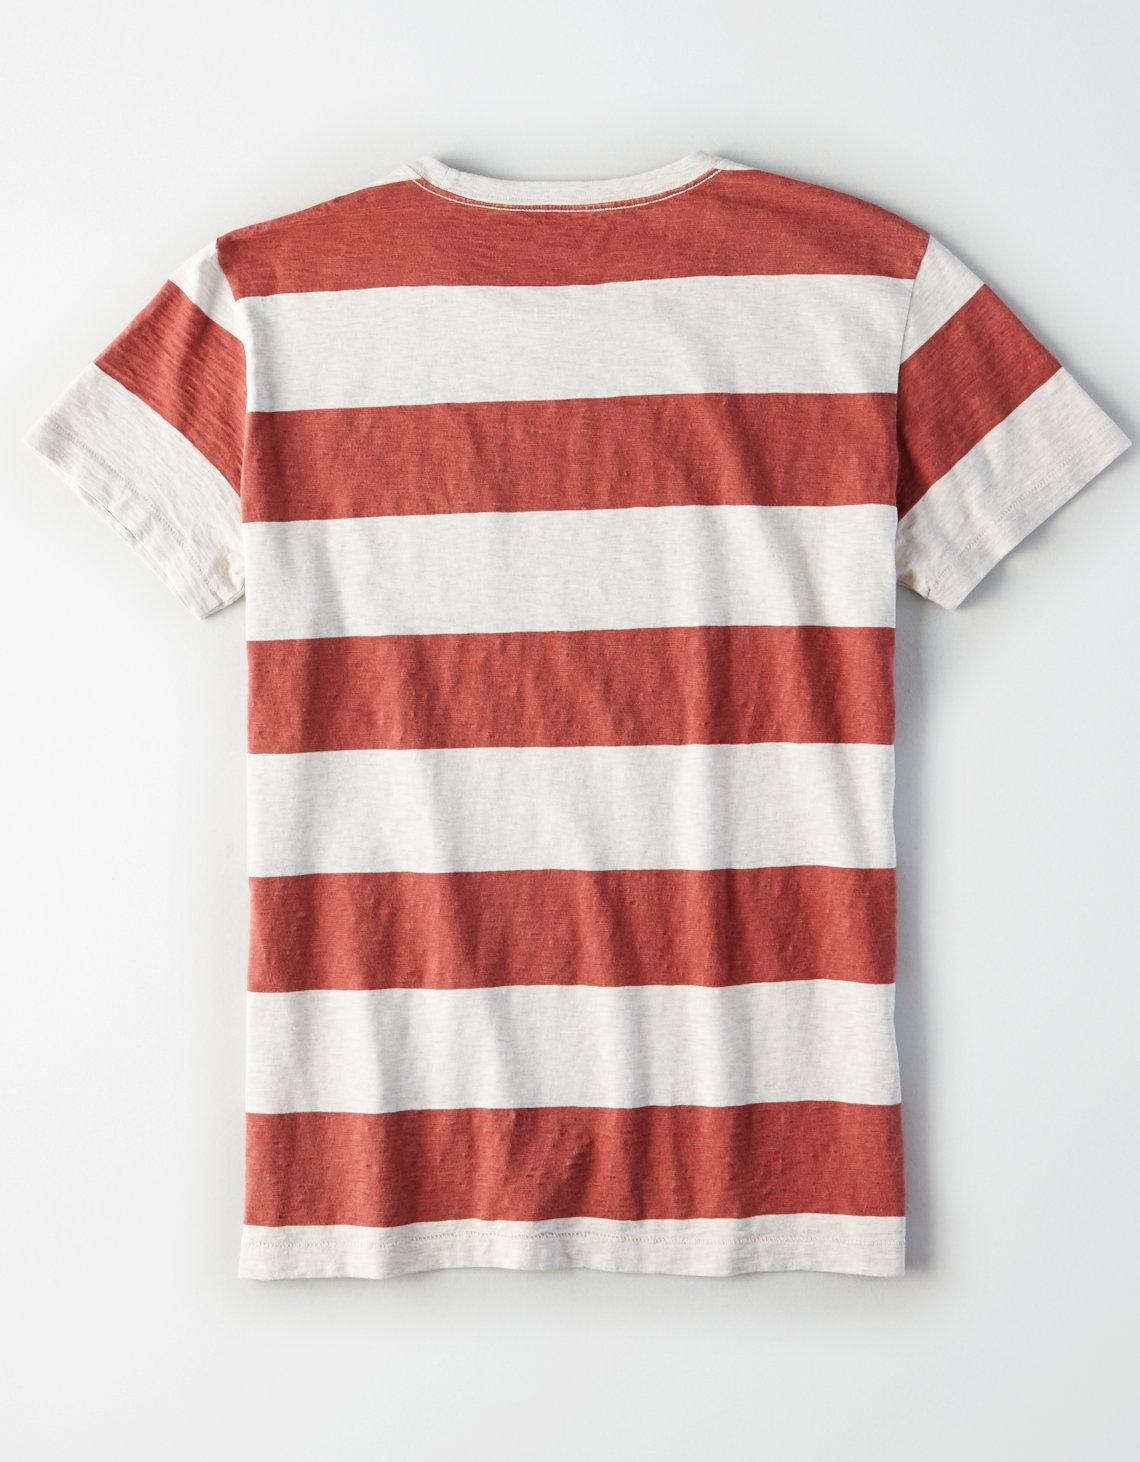 Jusqu'à 70% de réduction sur une sélection d'articles  - Ex: T-shirt AE Striped Pocket pour Homme (Plusieurs tailles)